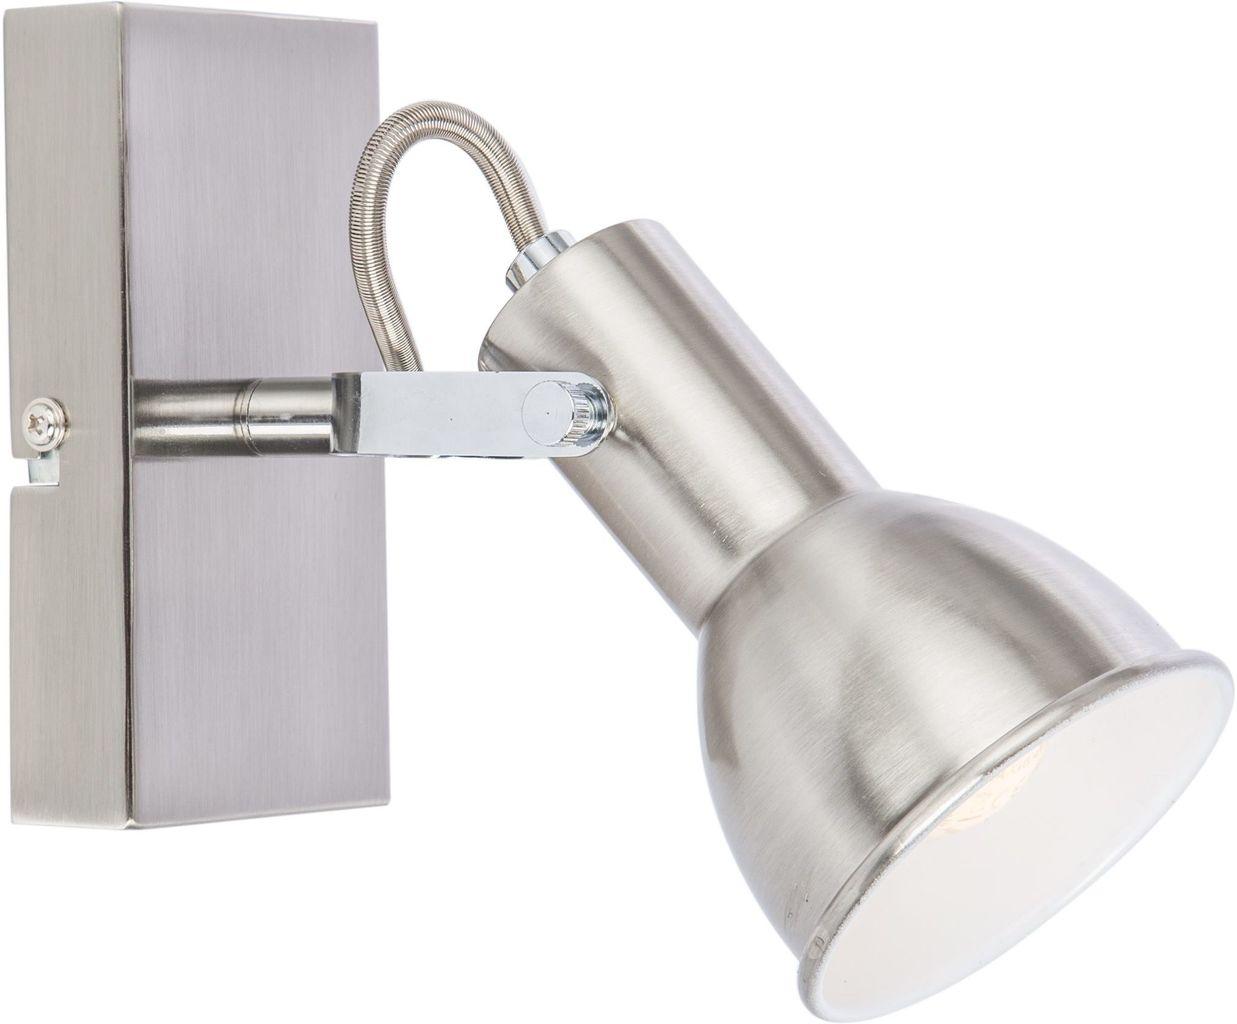 globo-wandstrahler-fargo-strahler-silber-metall-nickel-stahl-54642-1